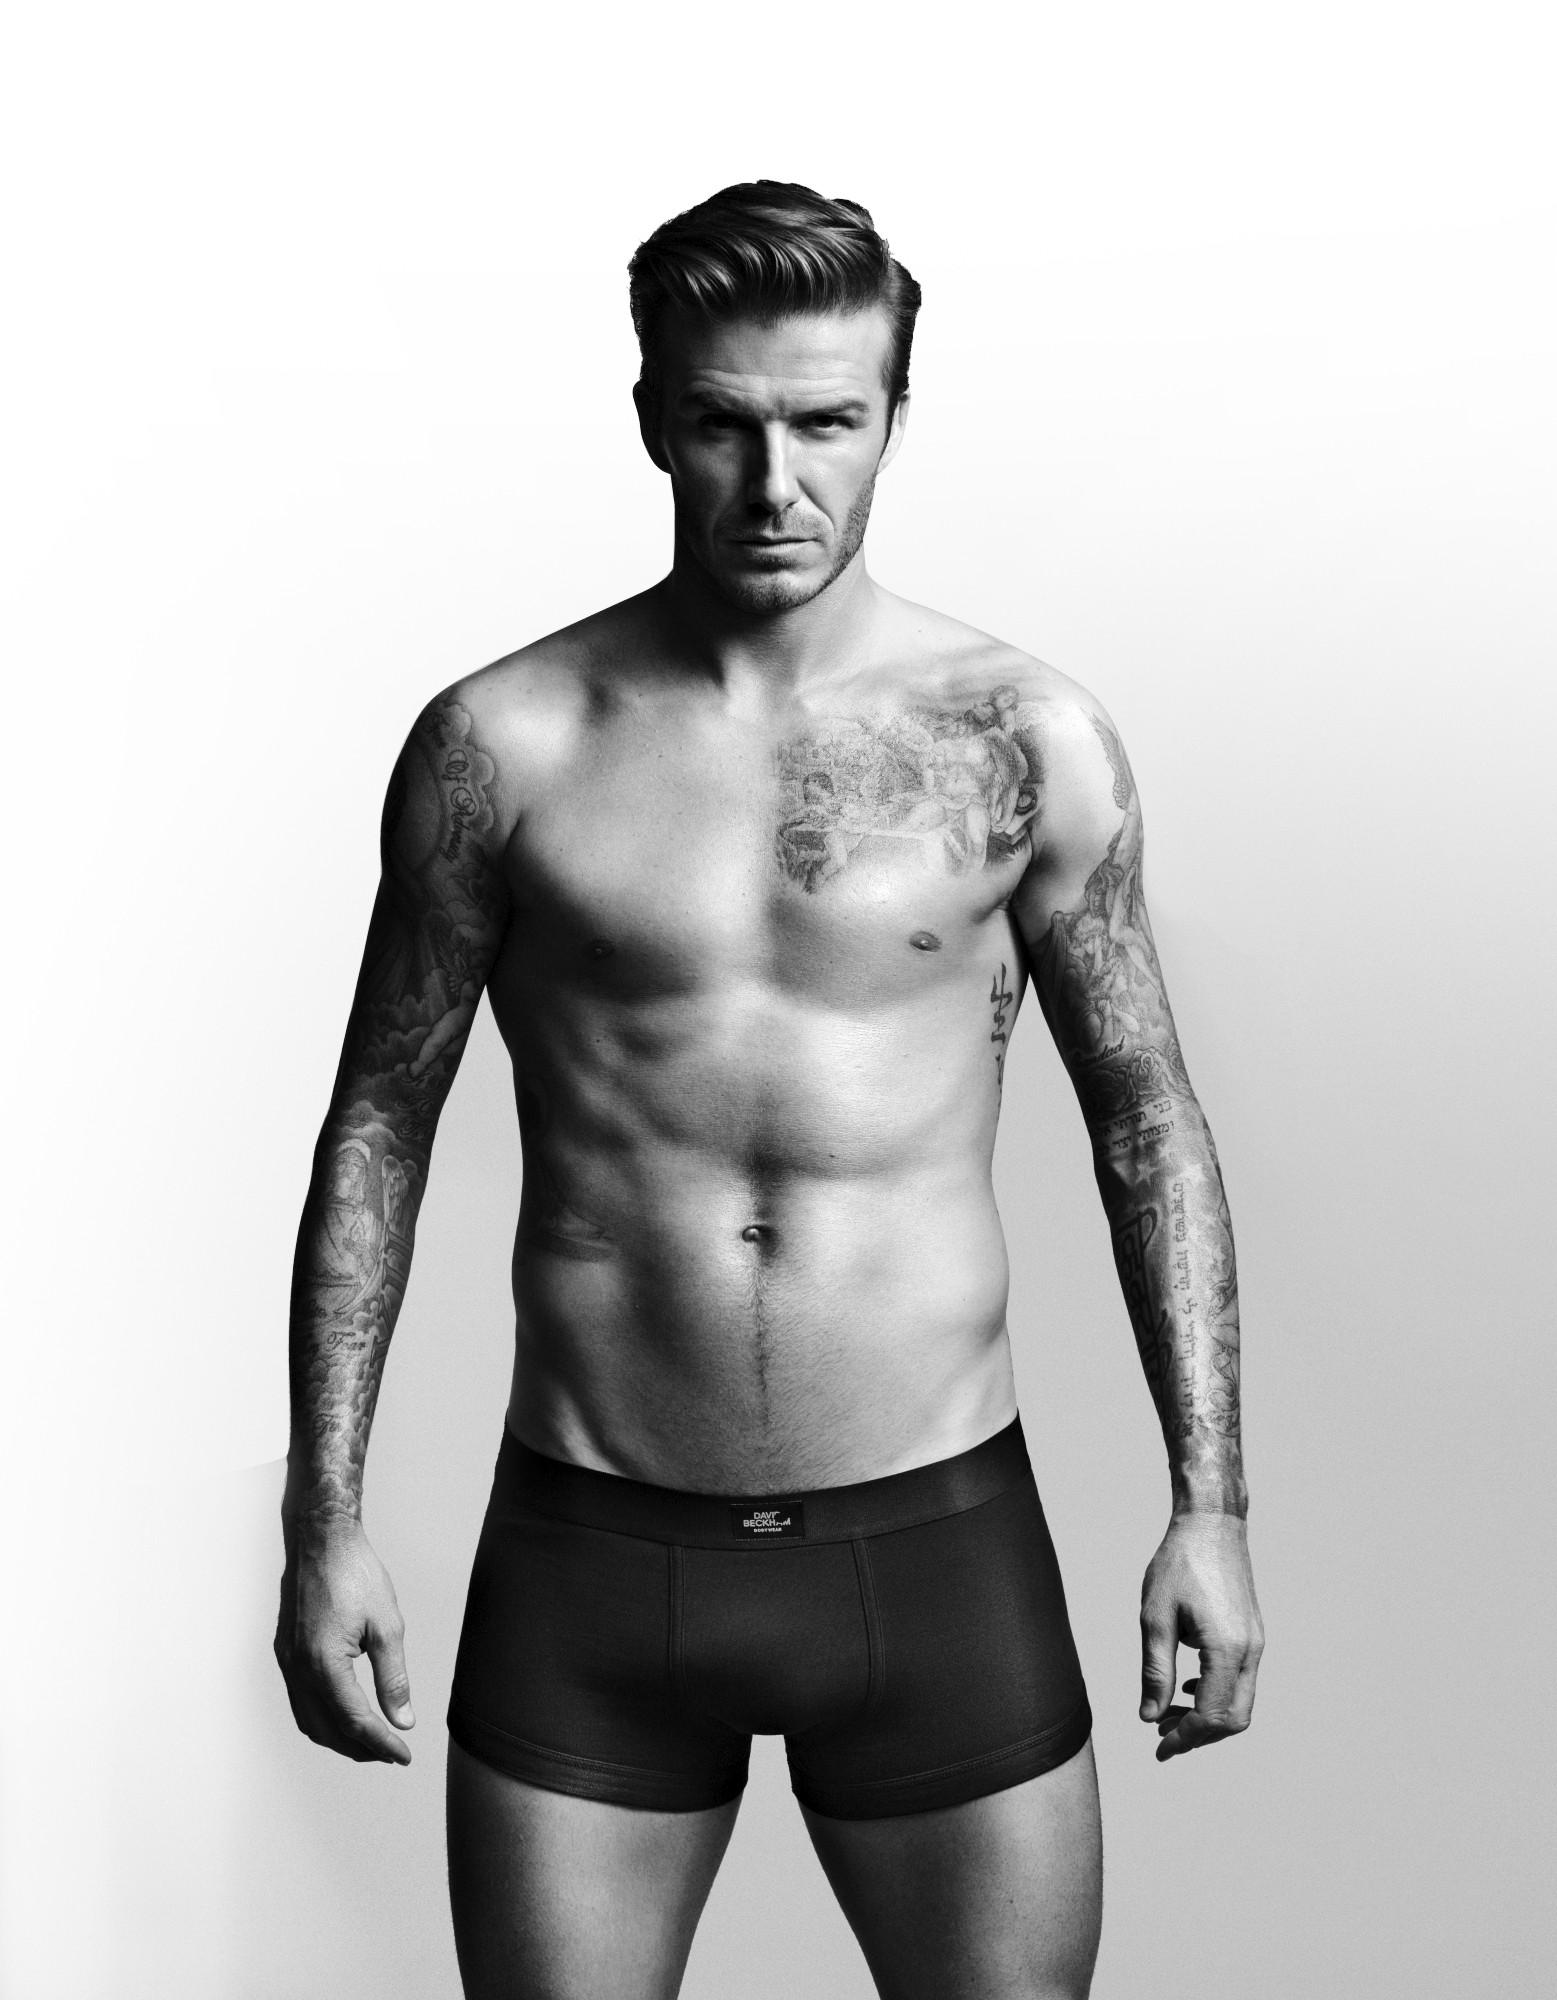 David Beckham từng bị nữ phóng viên bóp vùng nhạy cảm ngay tại buổi phóng vấn.